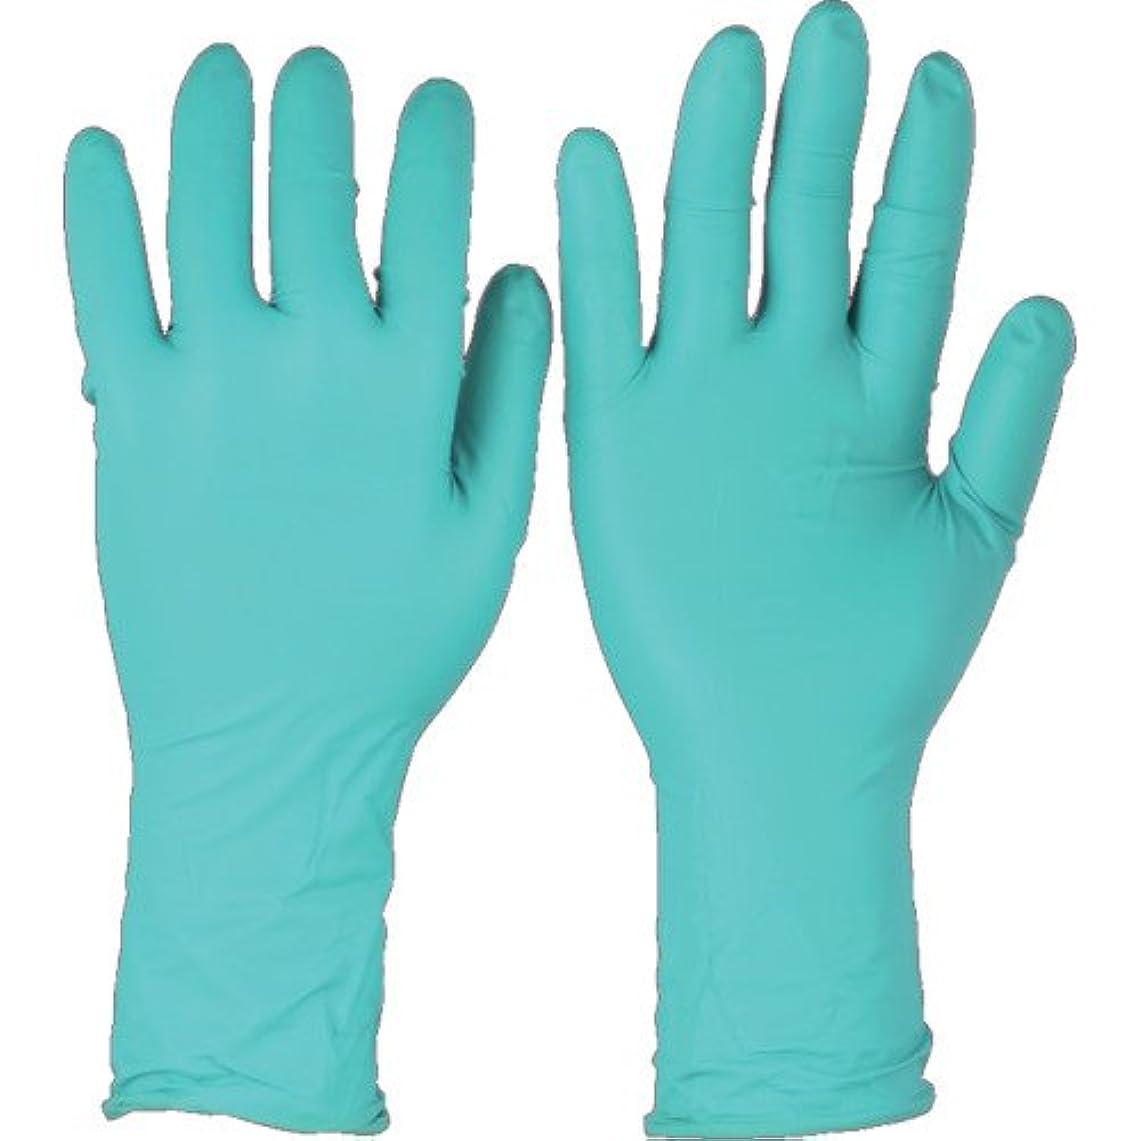 うめきアンカー気をつけてトラスコ中山 アンセル ネオプレンゴム使い捨て手袋 マイクロフレックス 93-260 Sサイズ (50枚入)  932607